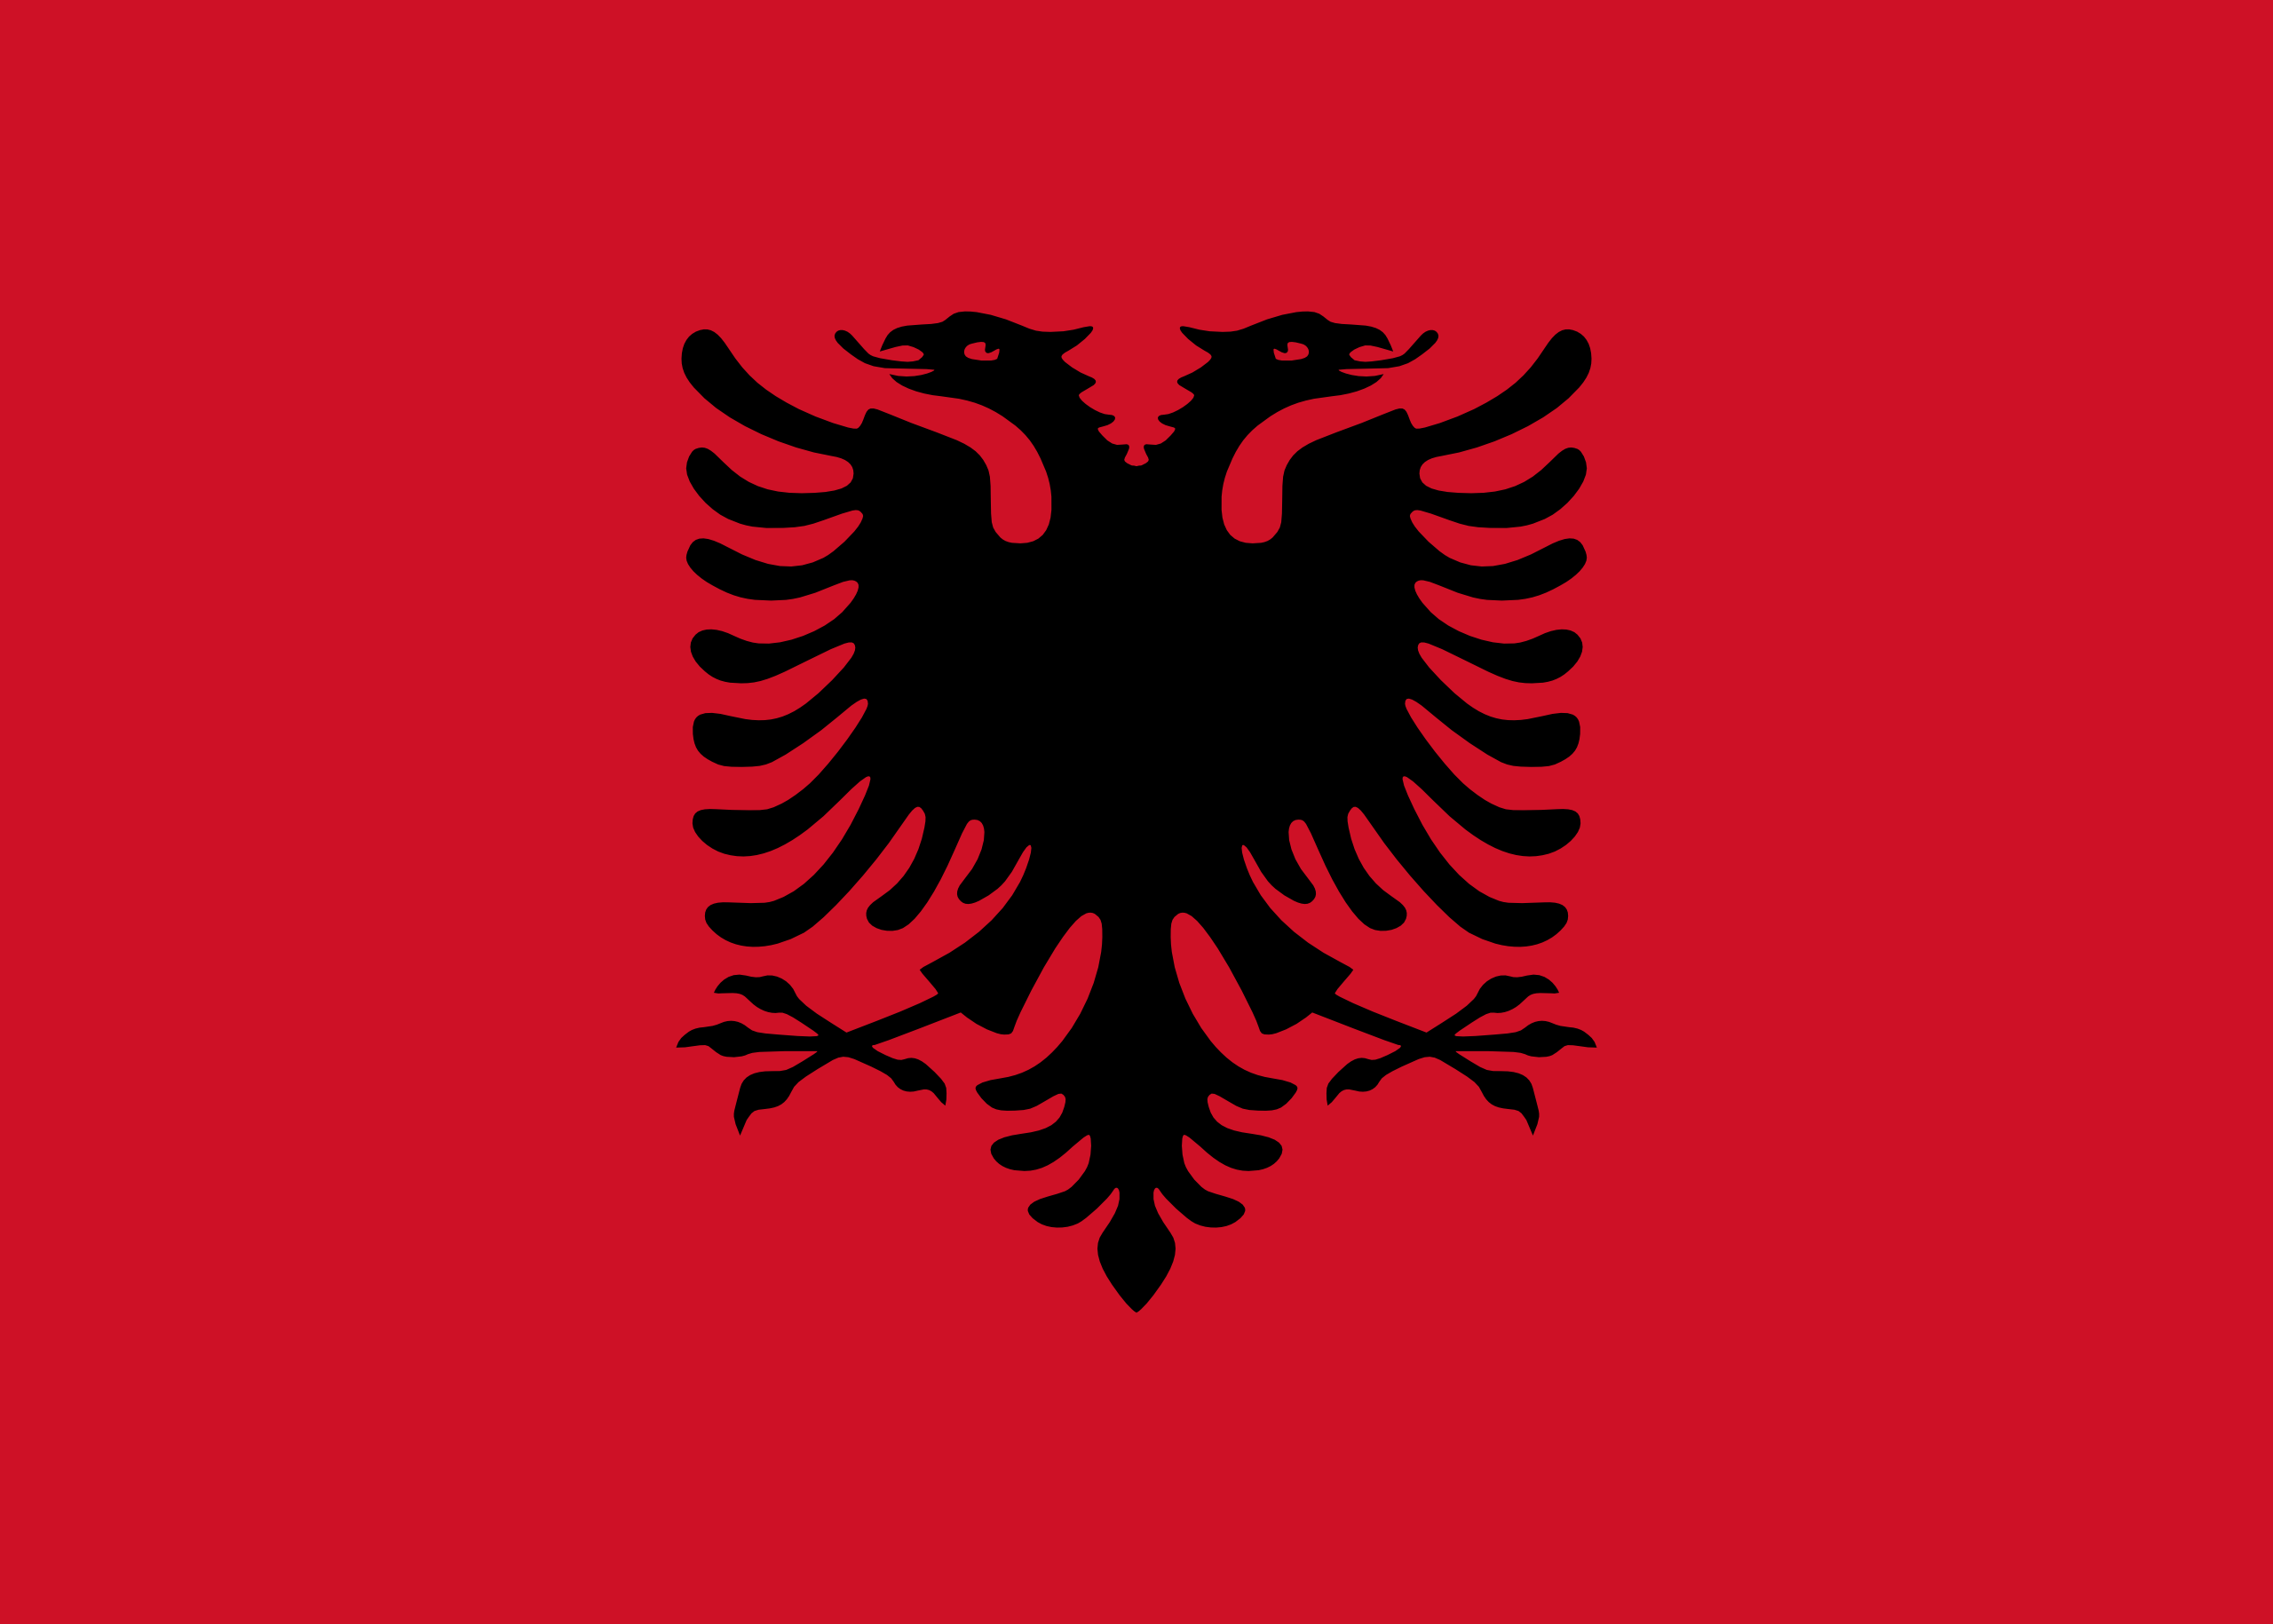 albania, país, emblema, insignia, シンボル - HD の壁紙 - 教授-falken.com